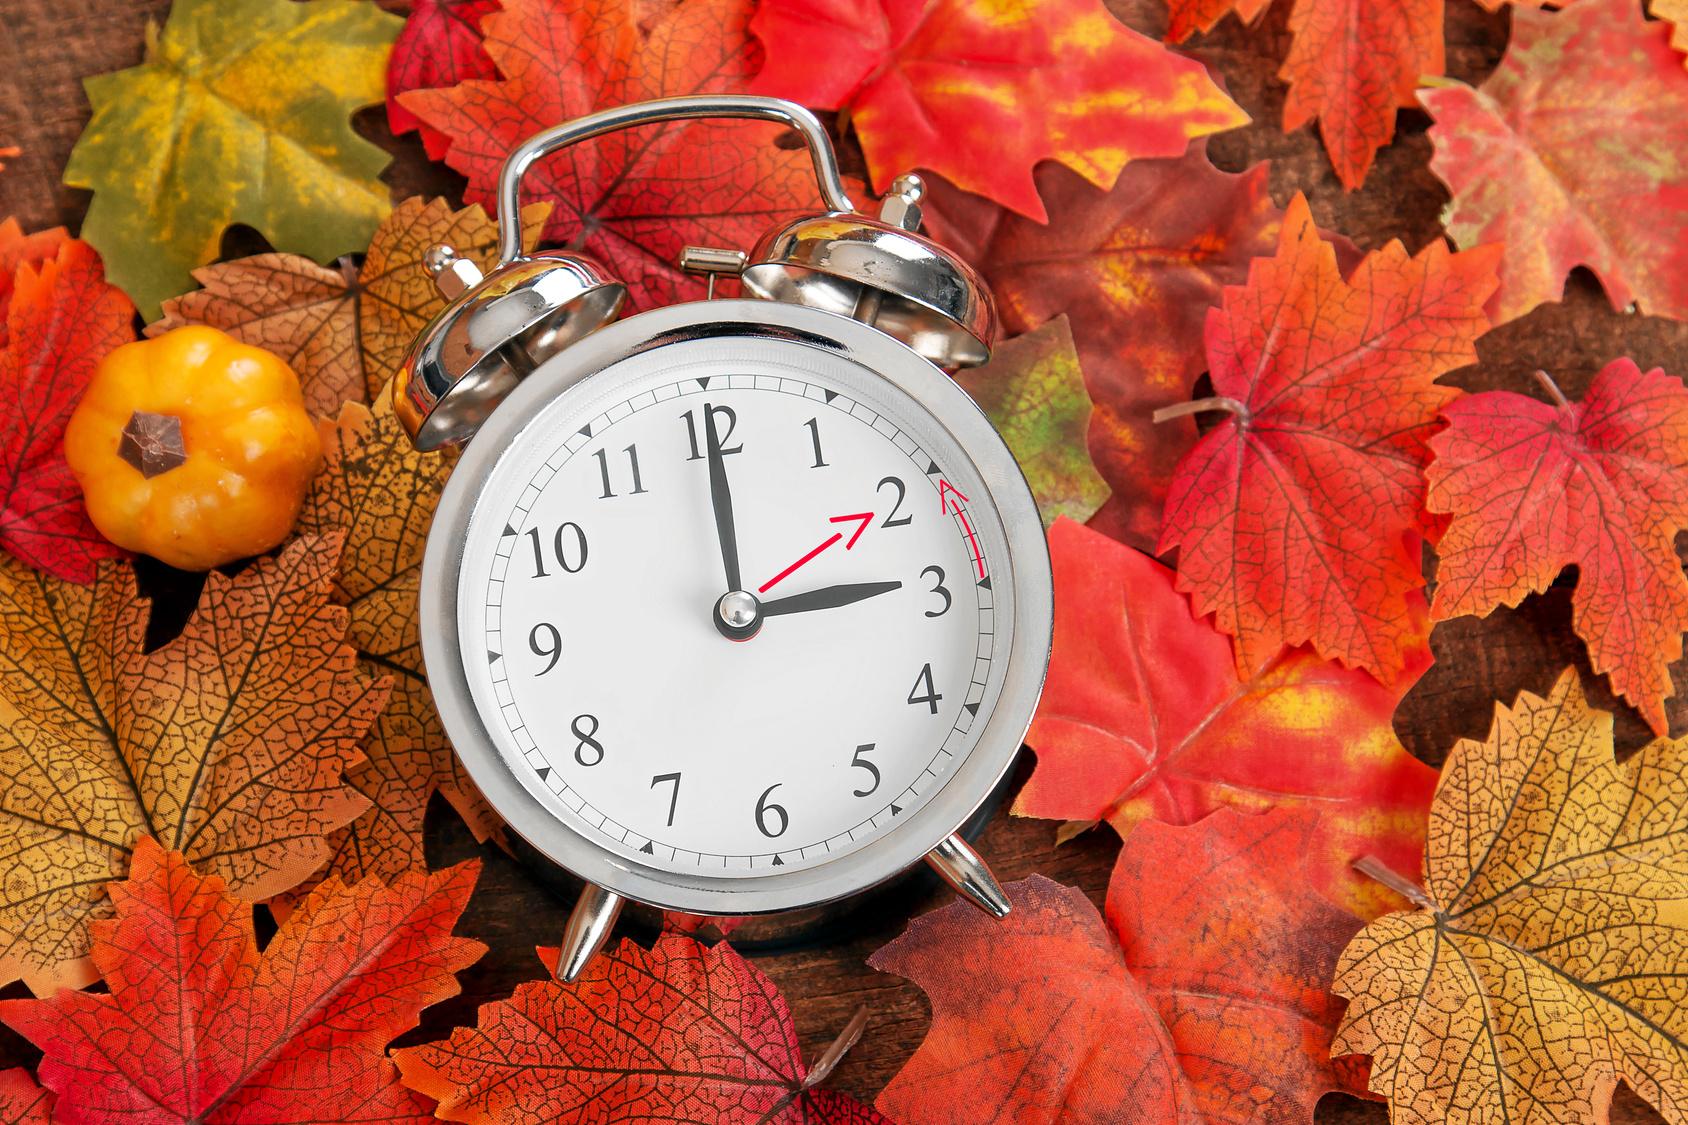 ¿Existe realmente un ahorro energético con el cambio de hora?